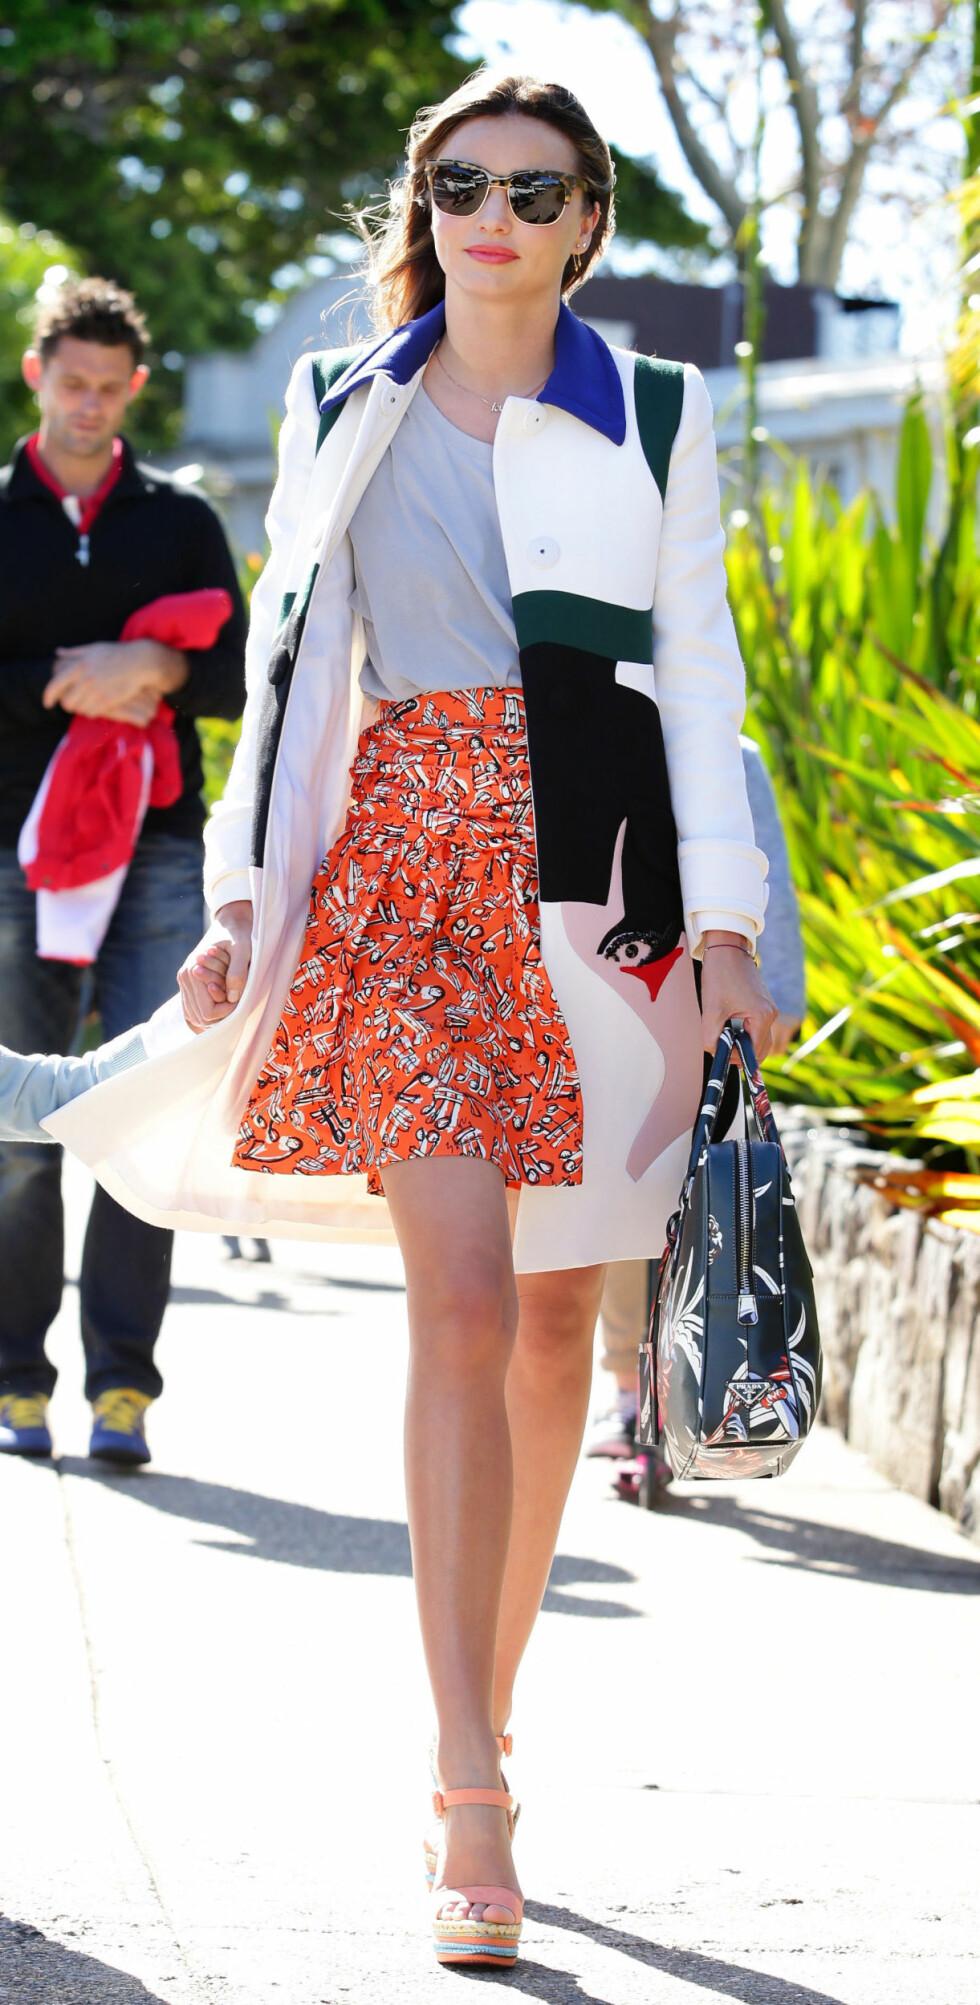 <strong>SKJØRT MED HØYT LIV:</strong> Supermodell Miranda Kerr får lange ben i dette antrekket, og ved å ha t-skjorten ned i linningen på skjørtet, får hun en flott midje. Foto: REX/Cameron Richardson/Newspix/A